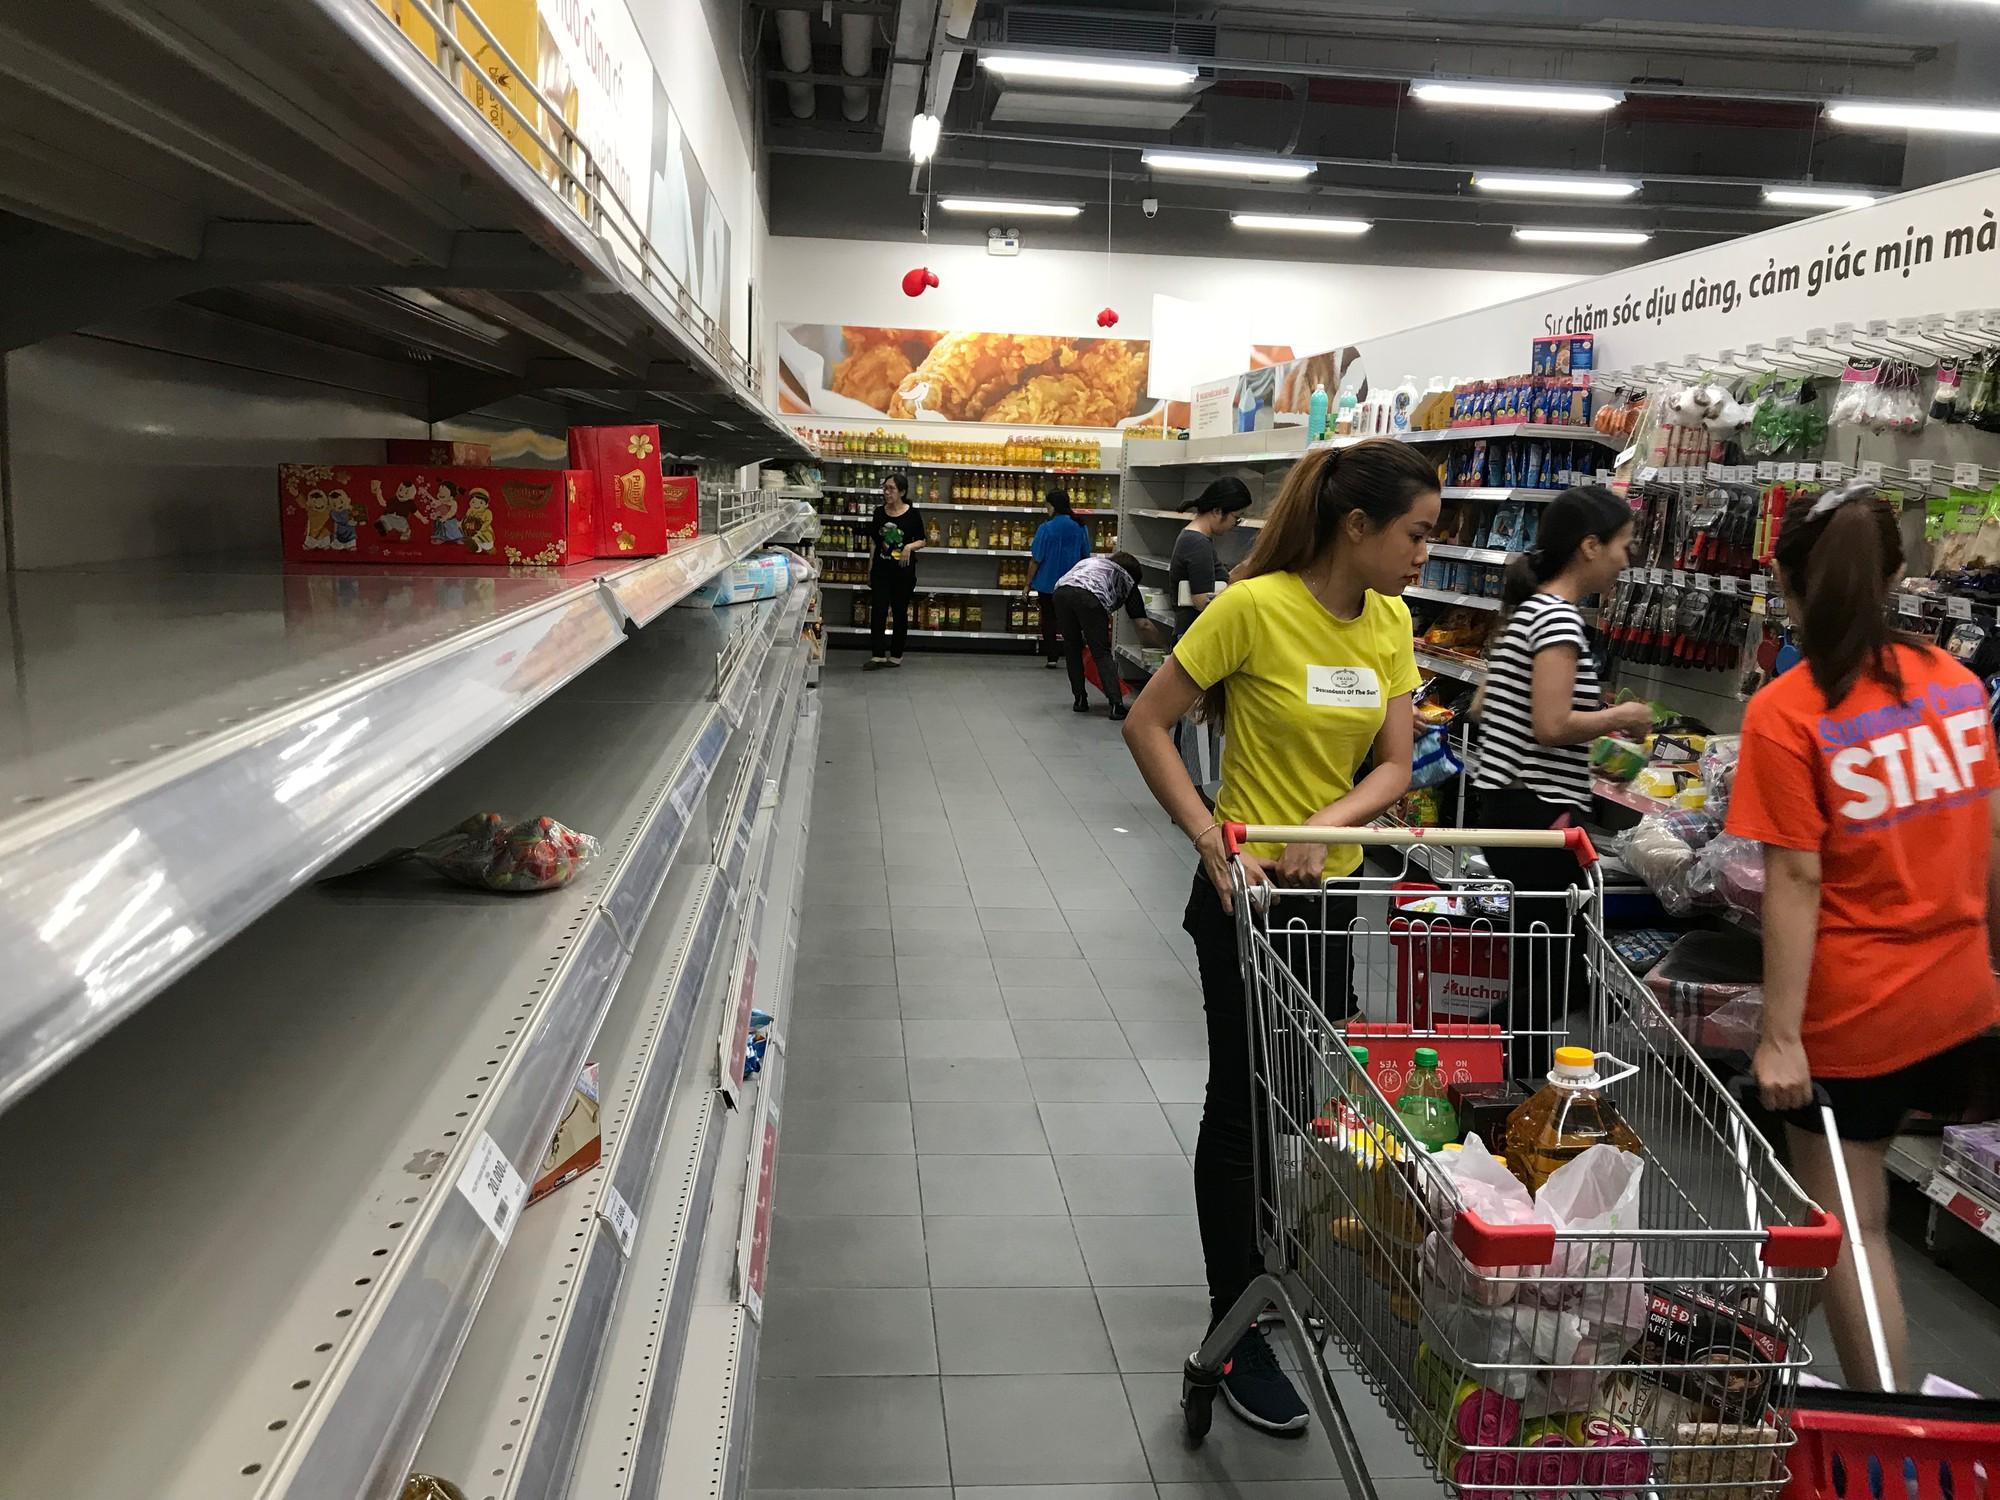 Auchan xả hàng trước khi tháo chạy khỏi Việt Nam, người dân ồ ạt vét sạch siêu thị, chờ hàng giờ chưa được thanh toán  - Ảnh 2.